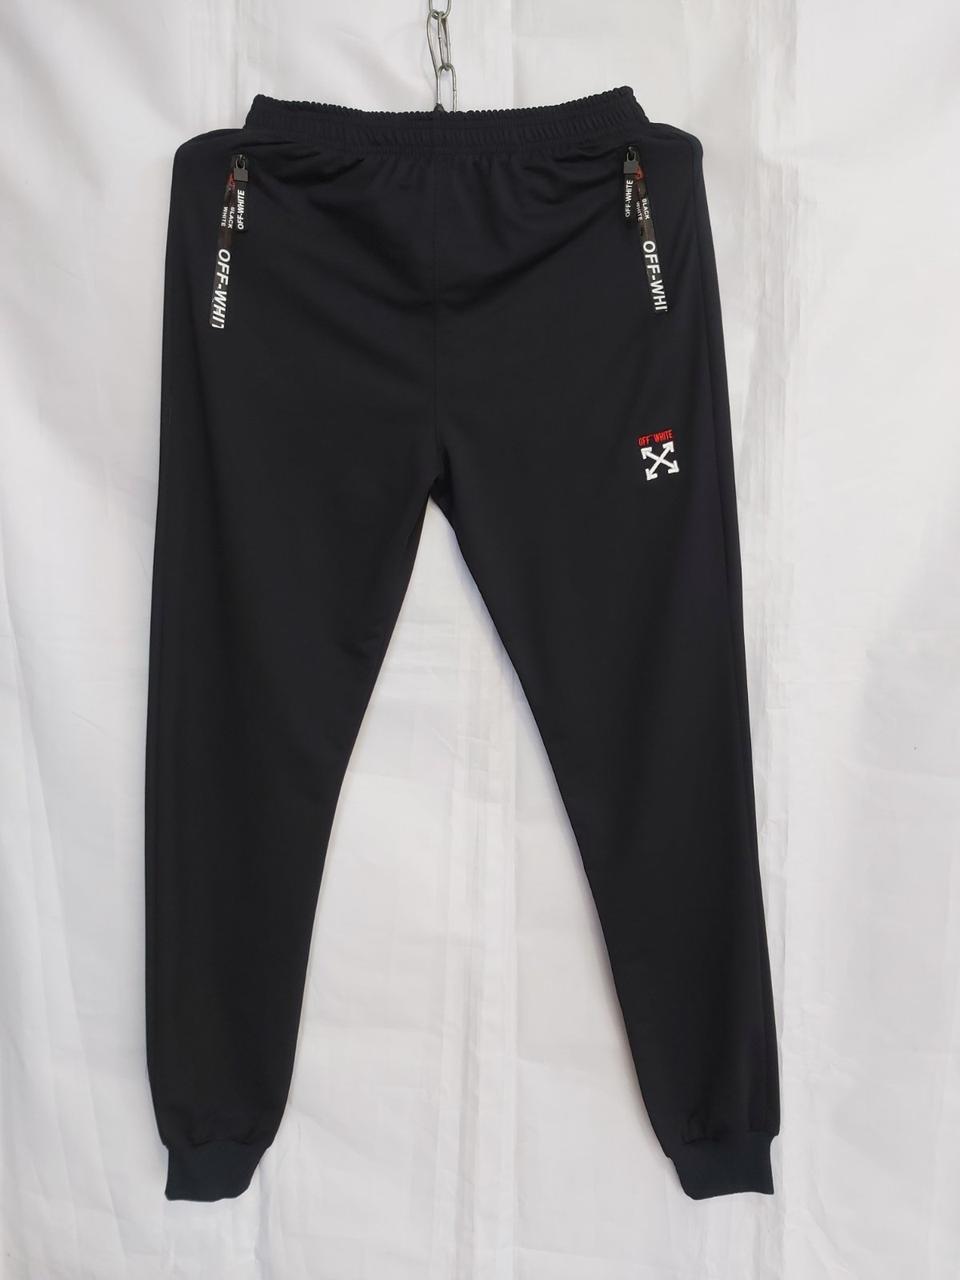 Штани чоловічі спортивні Бренд репліка розмір норма 46-52 з манжетою (4 шт)